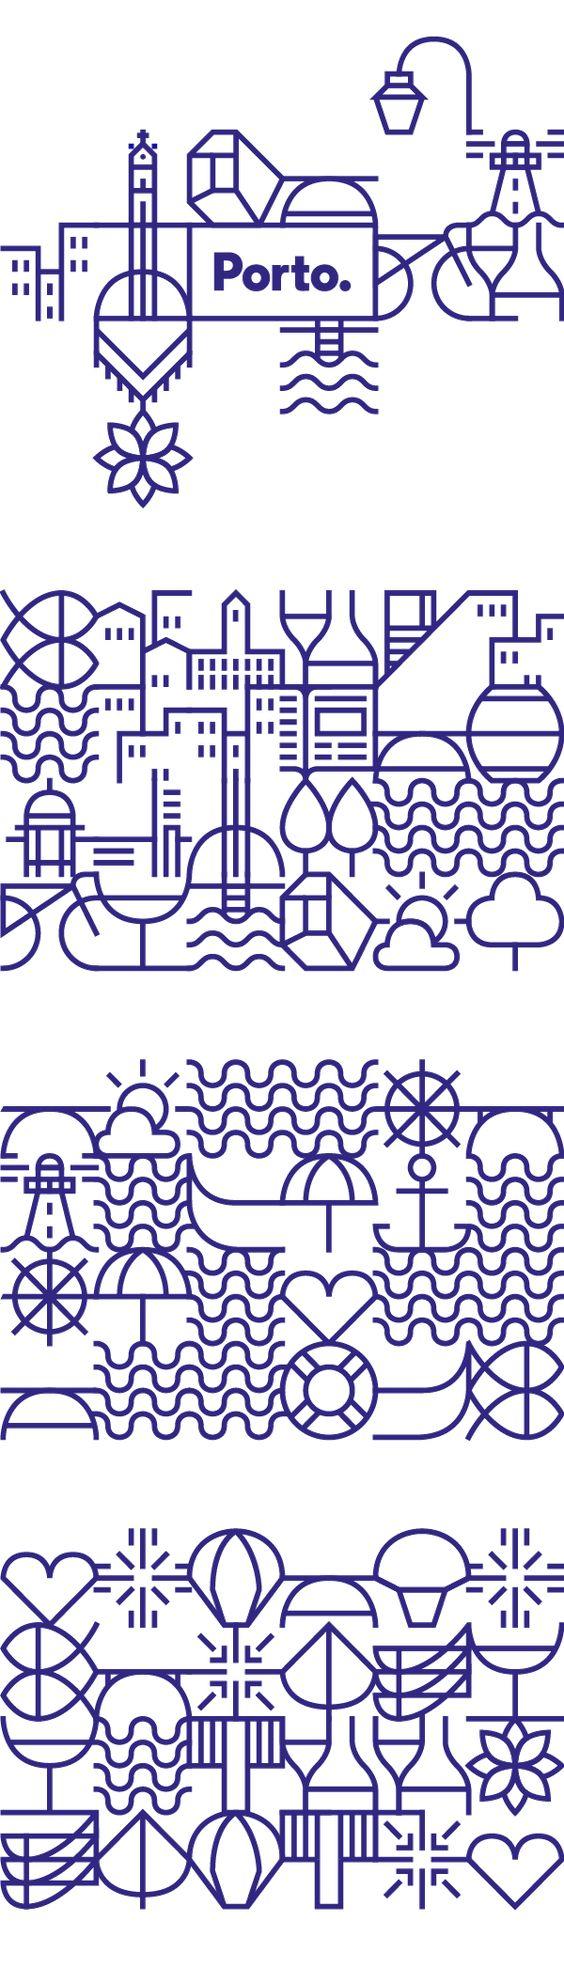 Le studio portugais White réalise la nouvelle identité pour la ville de Porto.Le défi présenté était très clair : la ville avait besoin d'un système visuel, une identité visuelle qui...